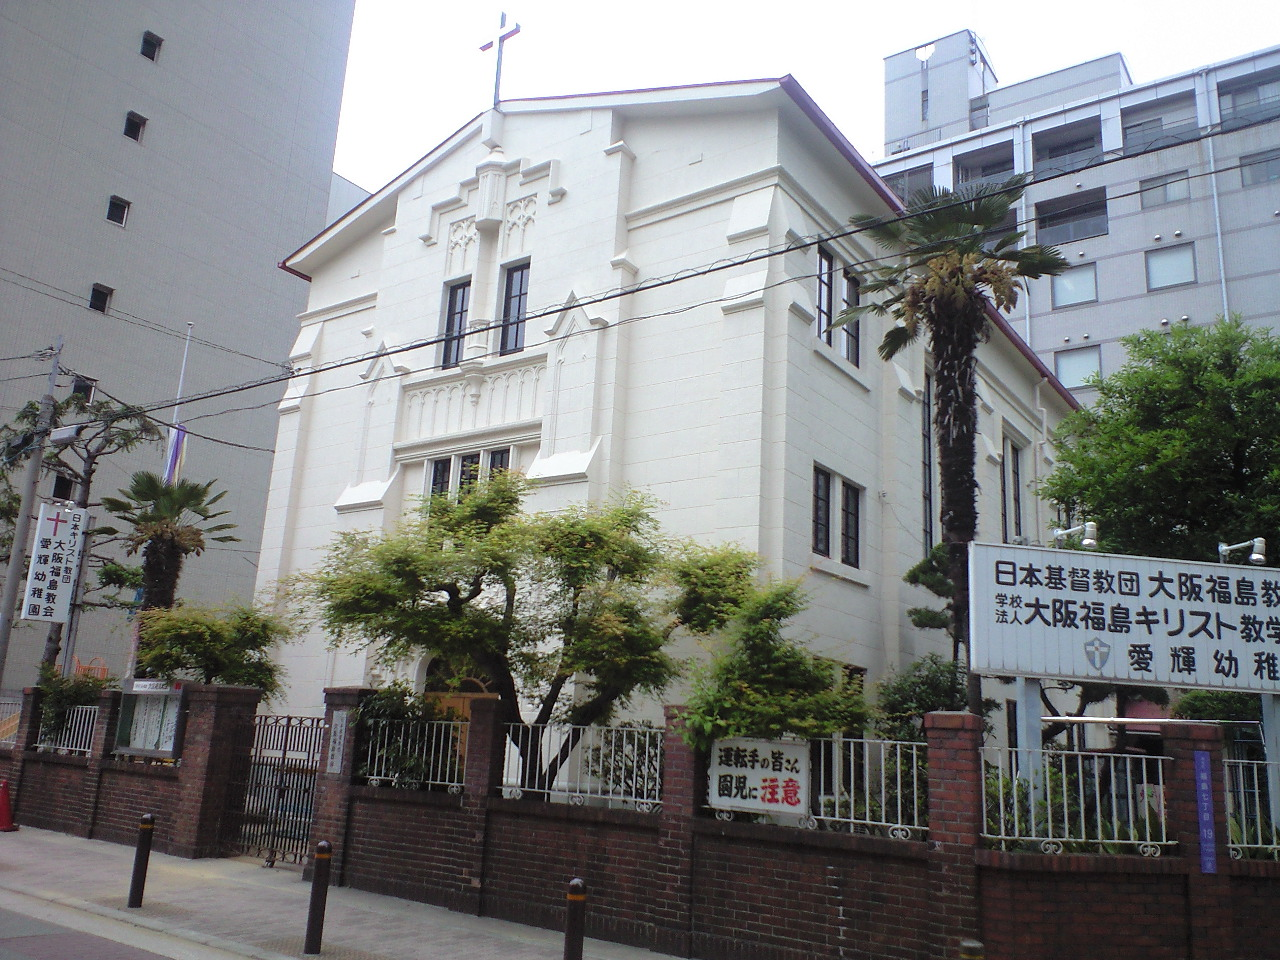 ヒコログ osaka nostalgie:日本キリスト教団大阪福島教會